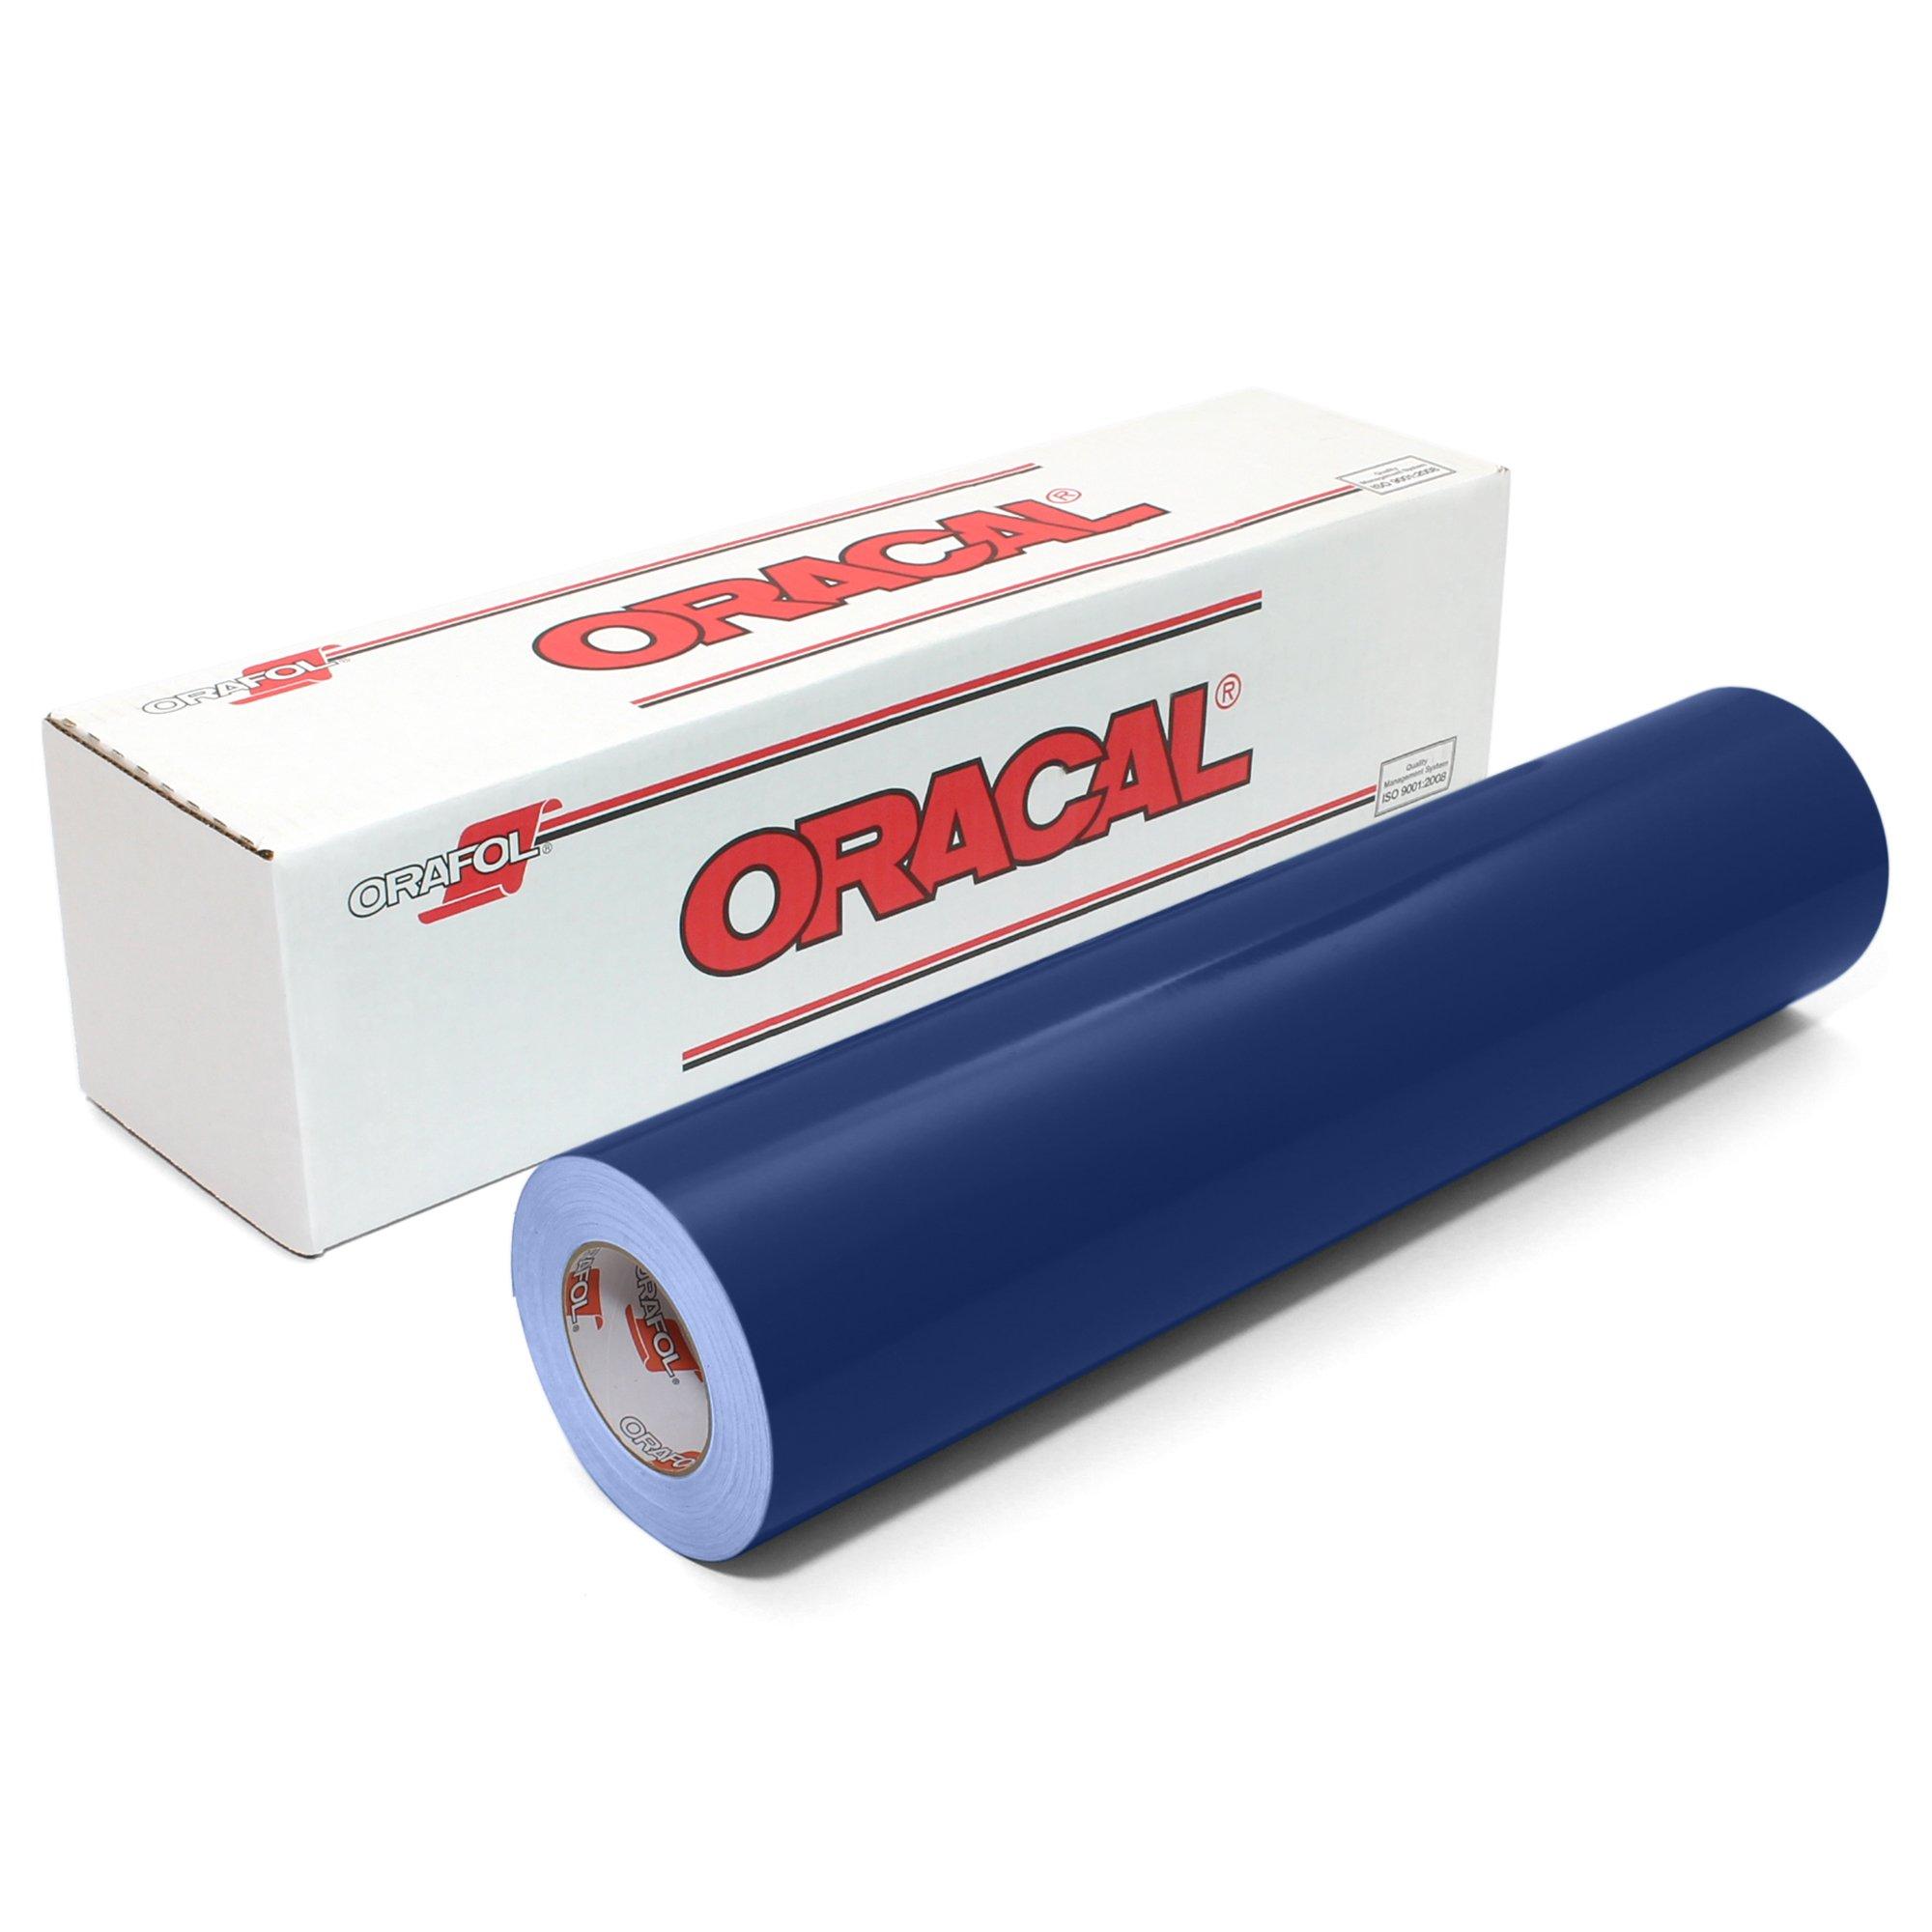 Oracal 651 Glossy Vinyl Roll 24 Inches by 150 Feet - Dark Blue